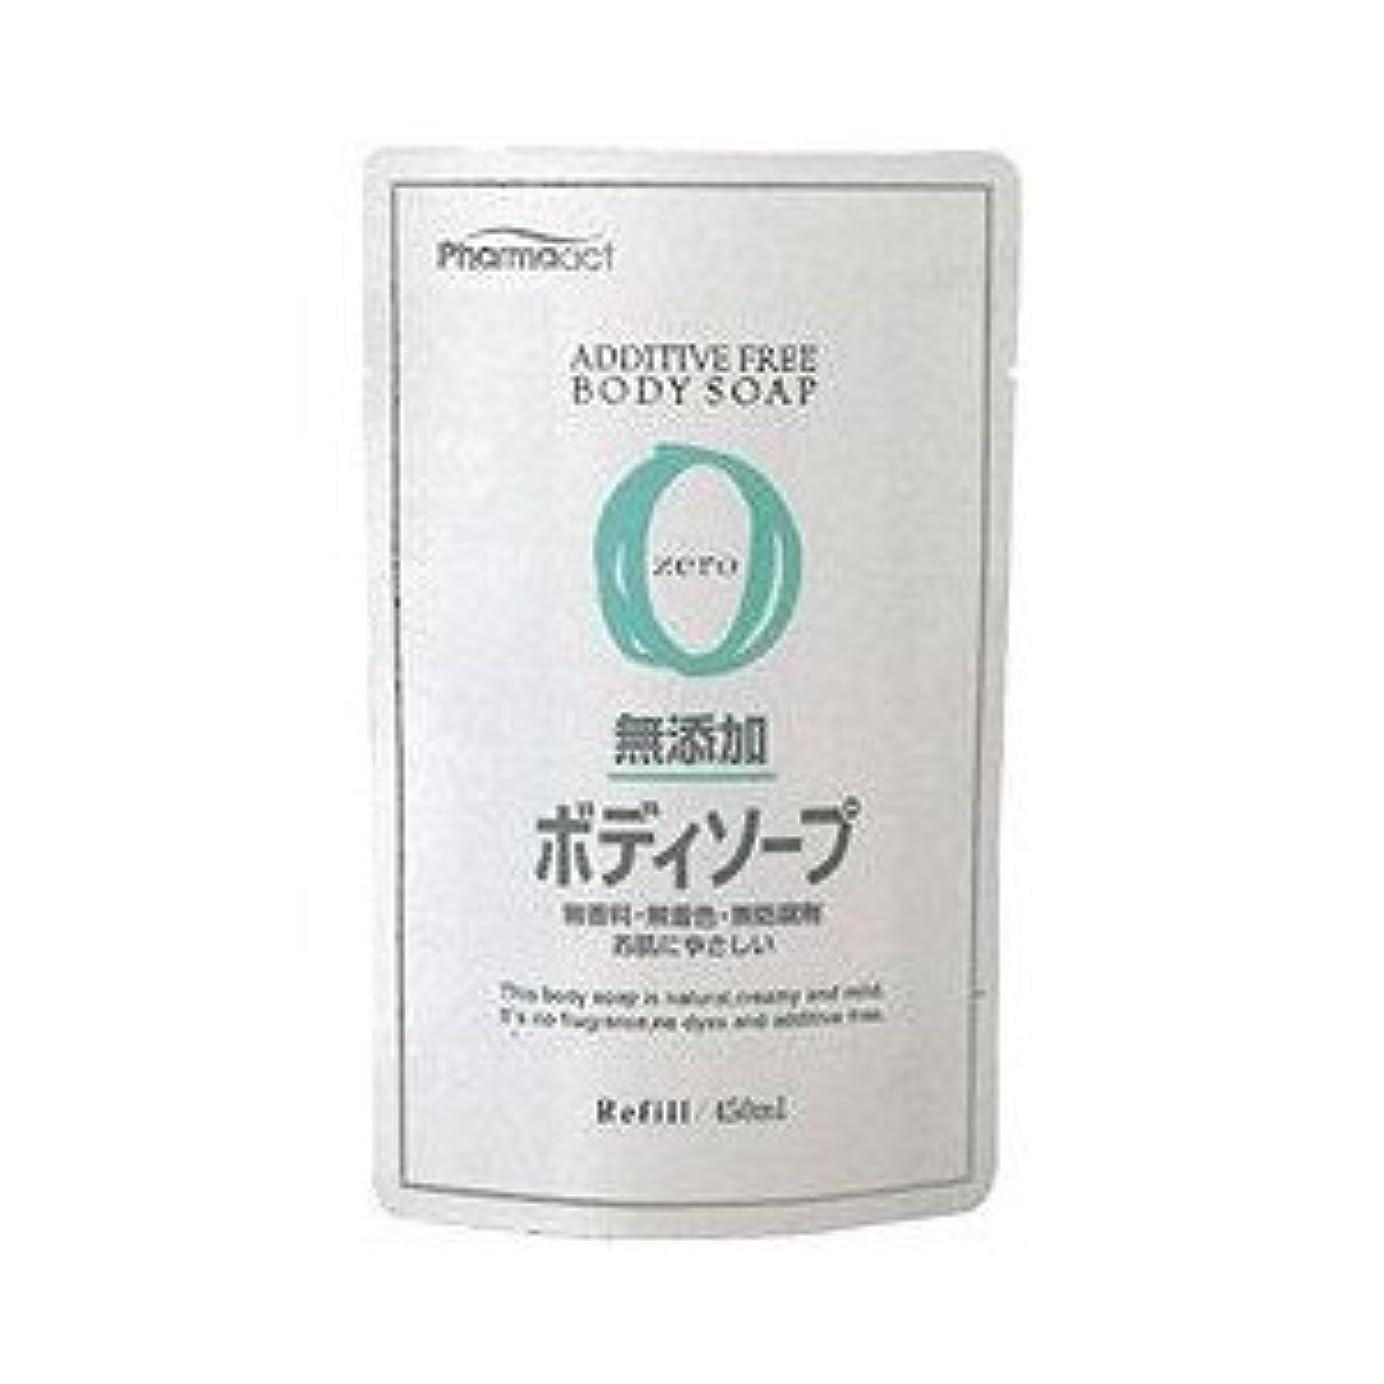 不名誉なますますブル熊野油脂 ファーマアクト 無添加ボディソープ つめかえ用 450ml×24点セット  香料?着色料?防腐剤は使用しておりません